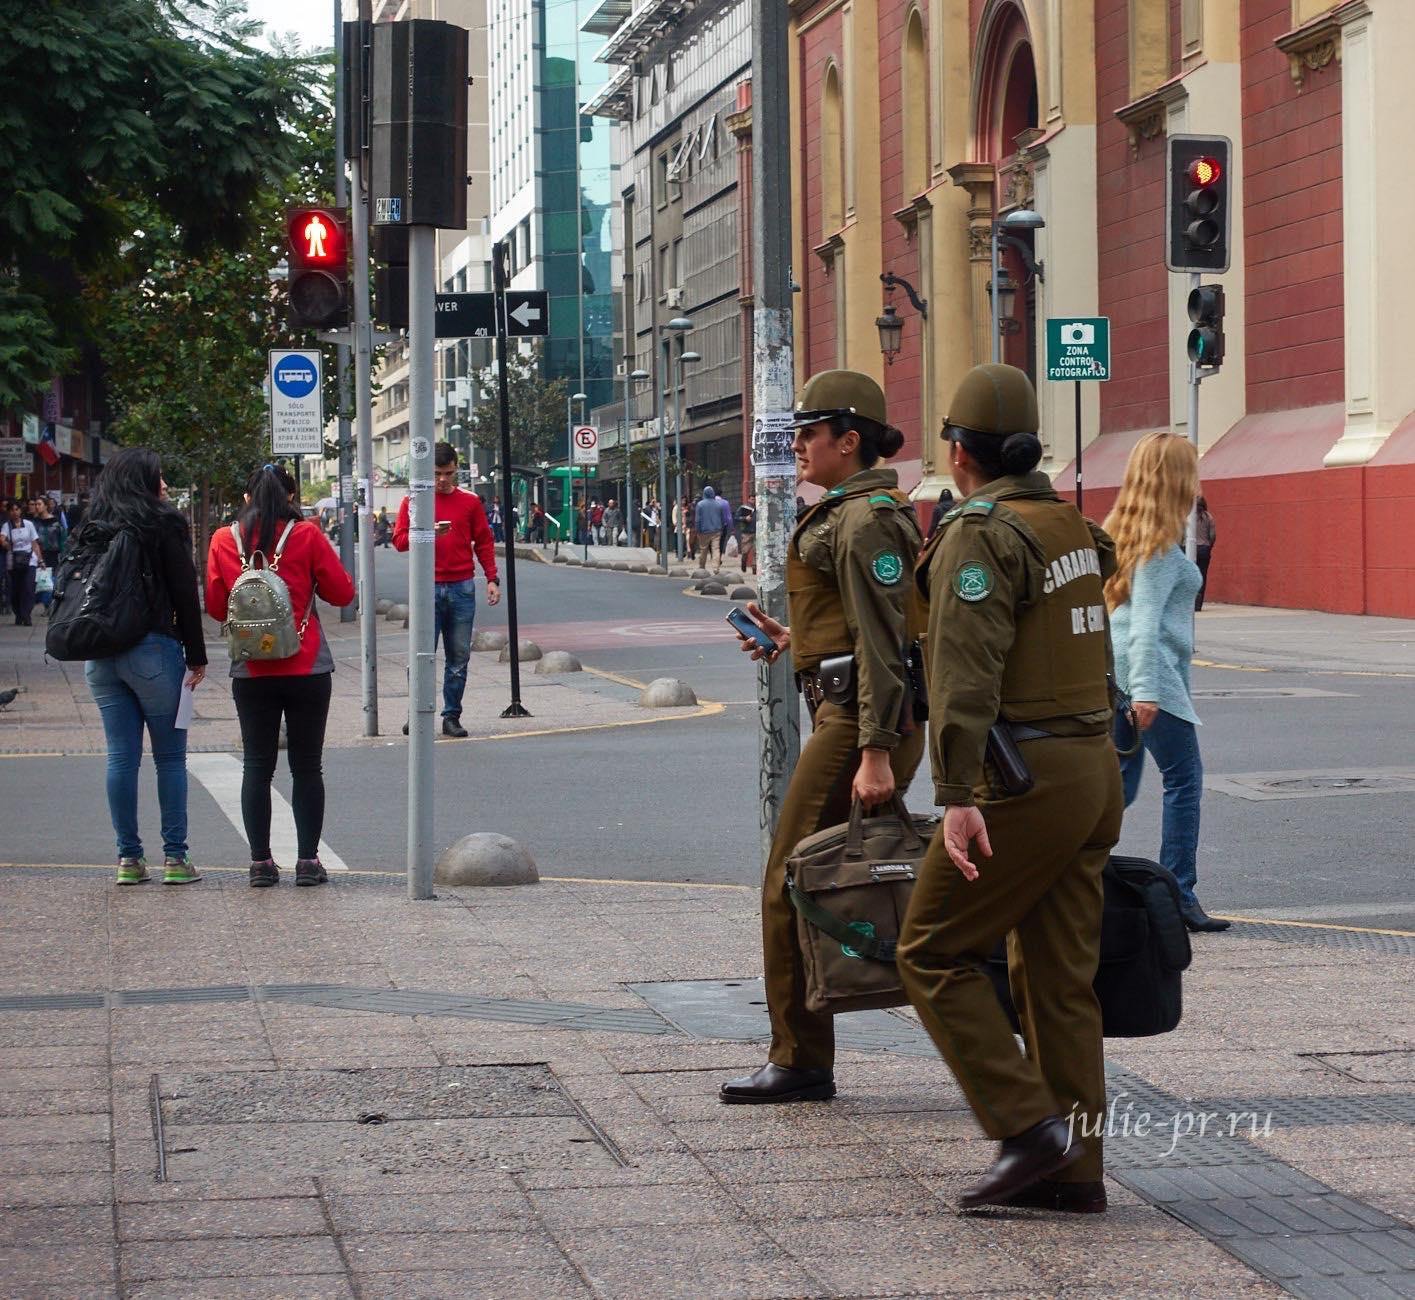 Чили, Сантьяго, Девушки-полицейские